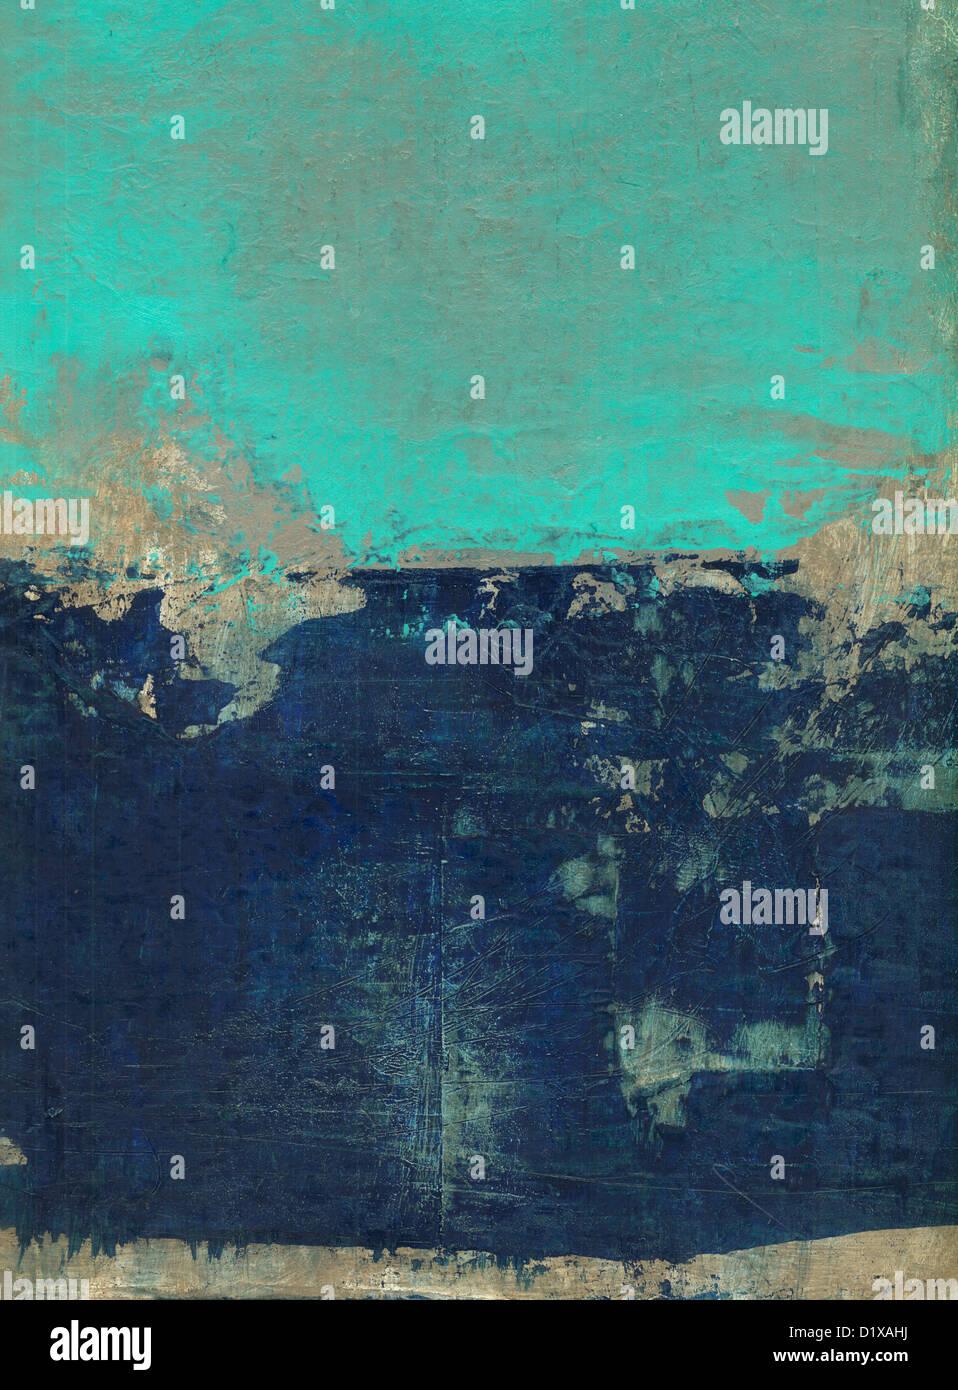 Una pittura astratta con blu turchese e toni di marrone. Immagini Stock